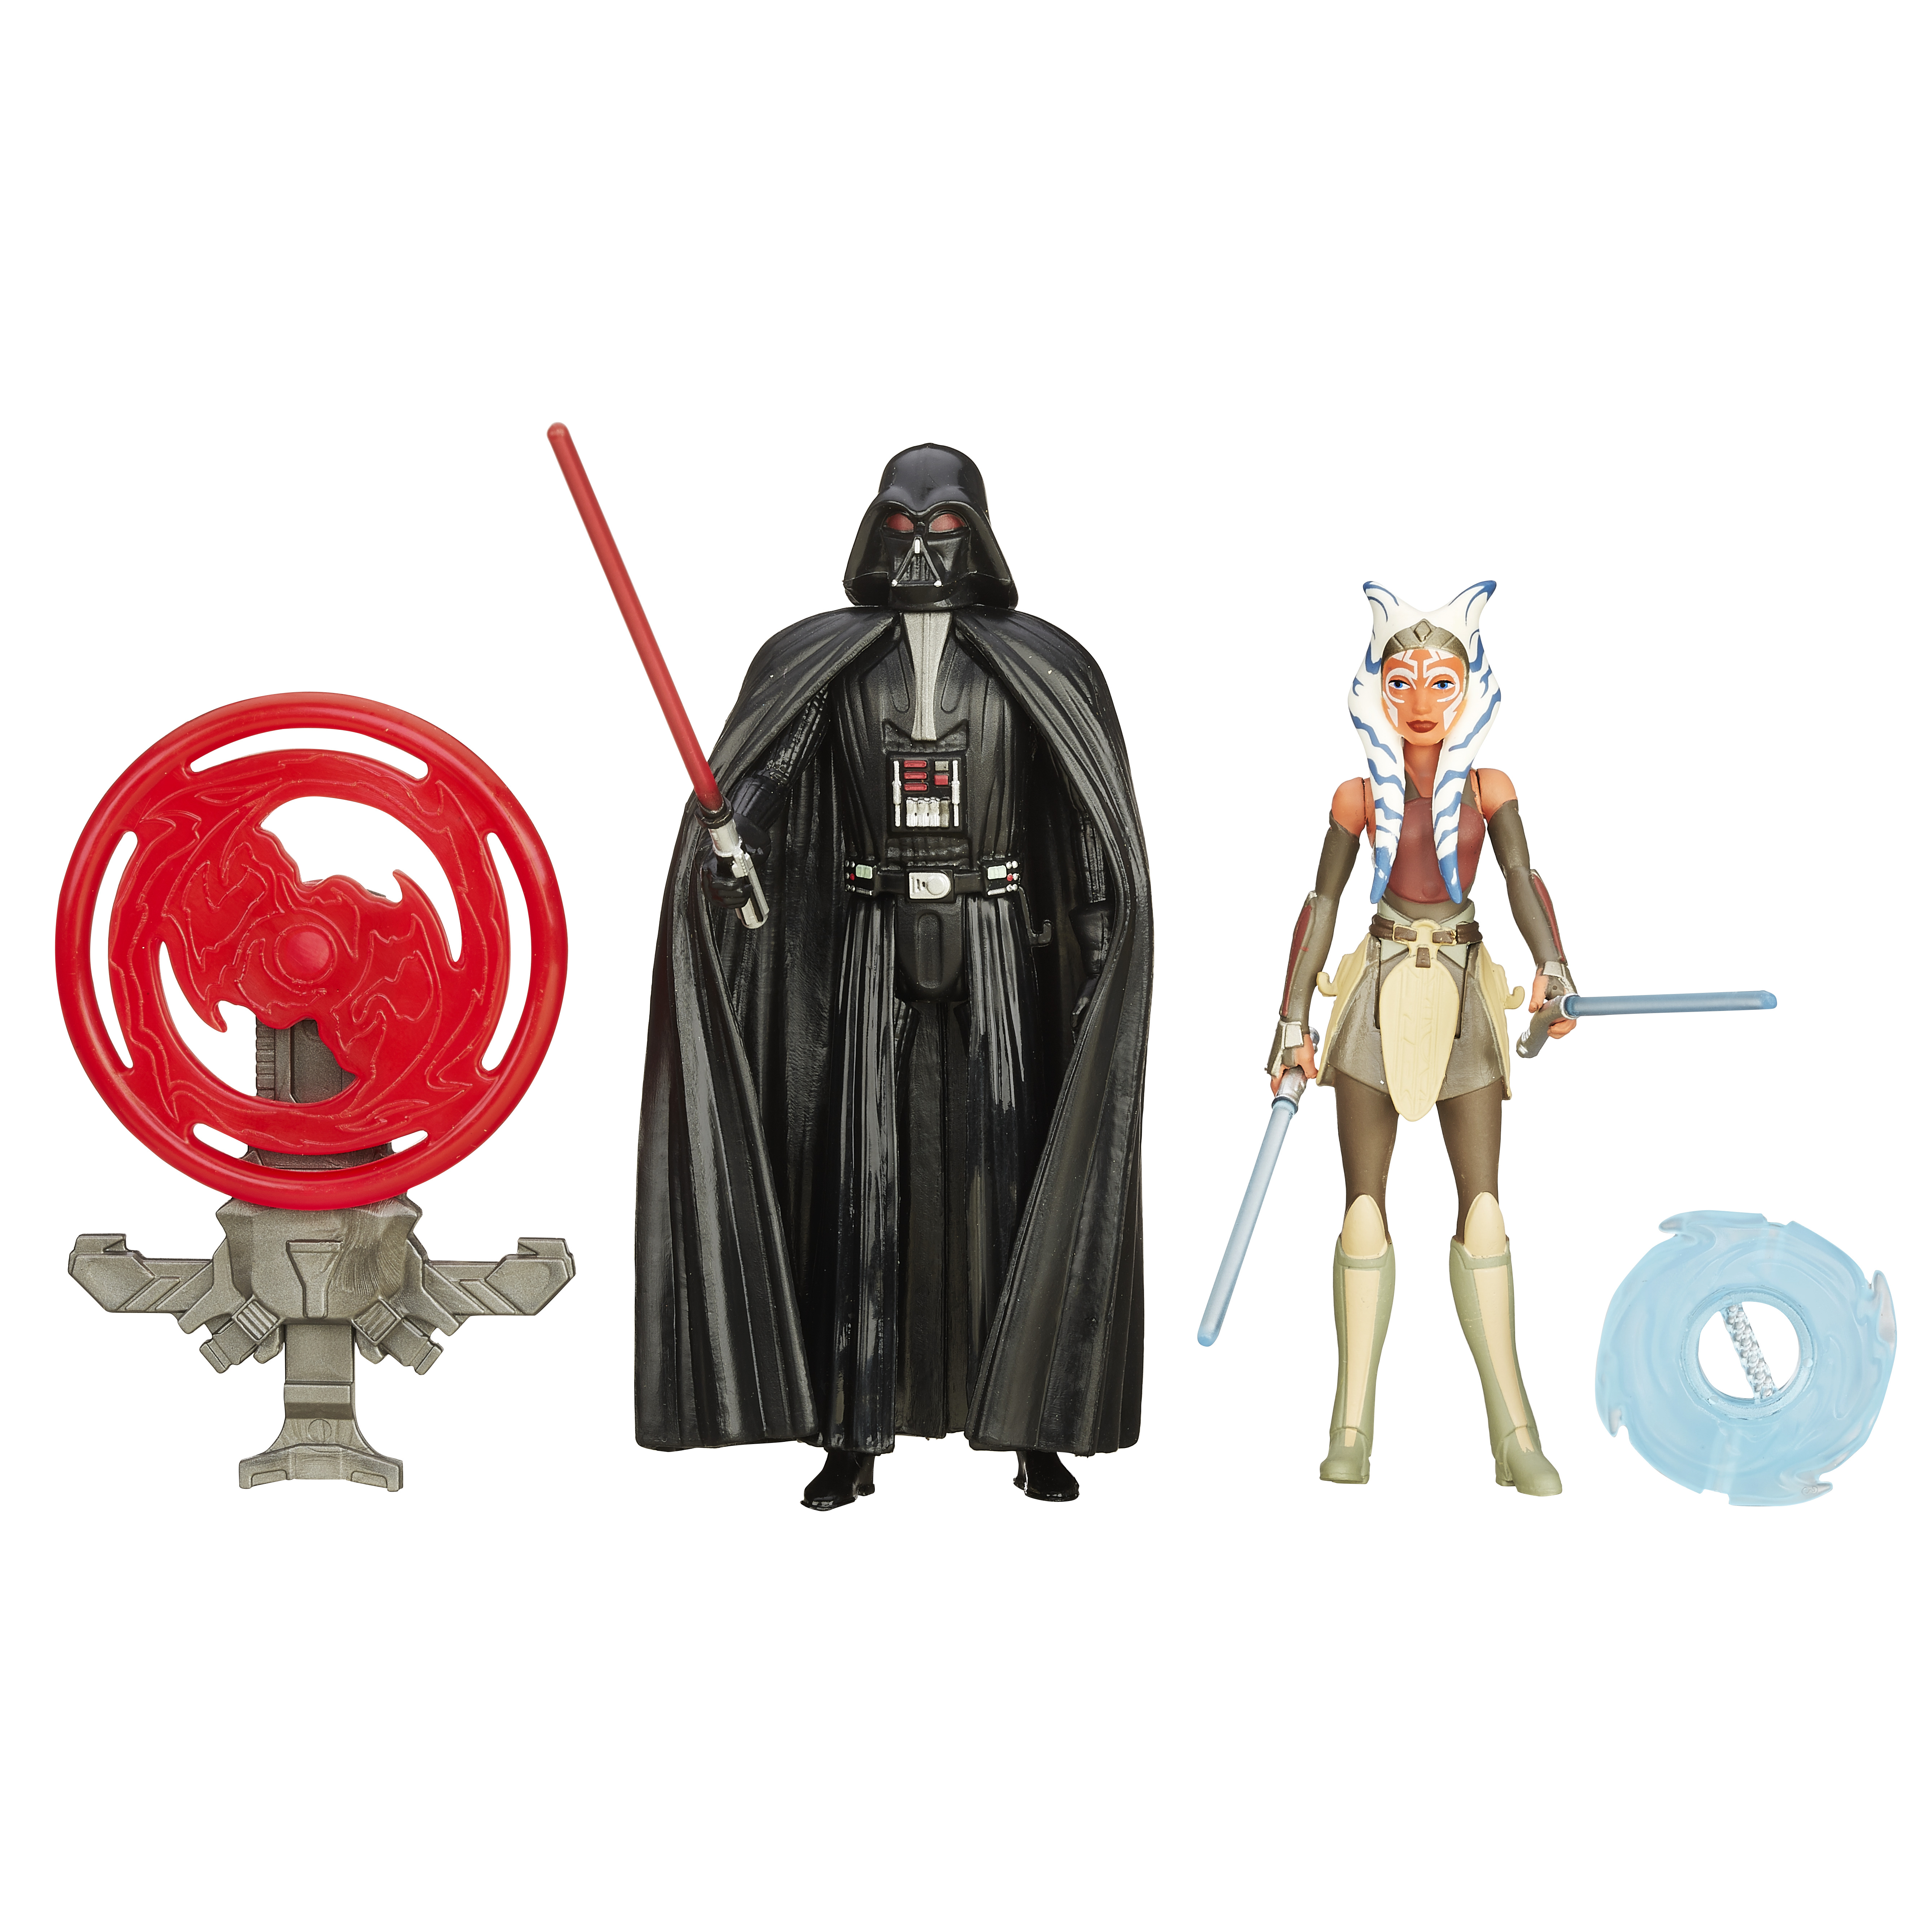 <b>Star Wars <i>The Force Awakens</i></b>; Darth Vader and Ahsoka Tano